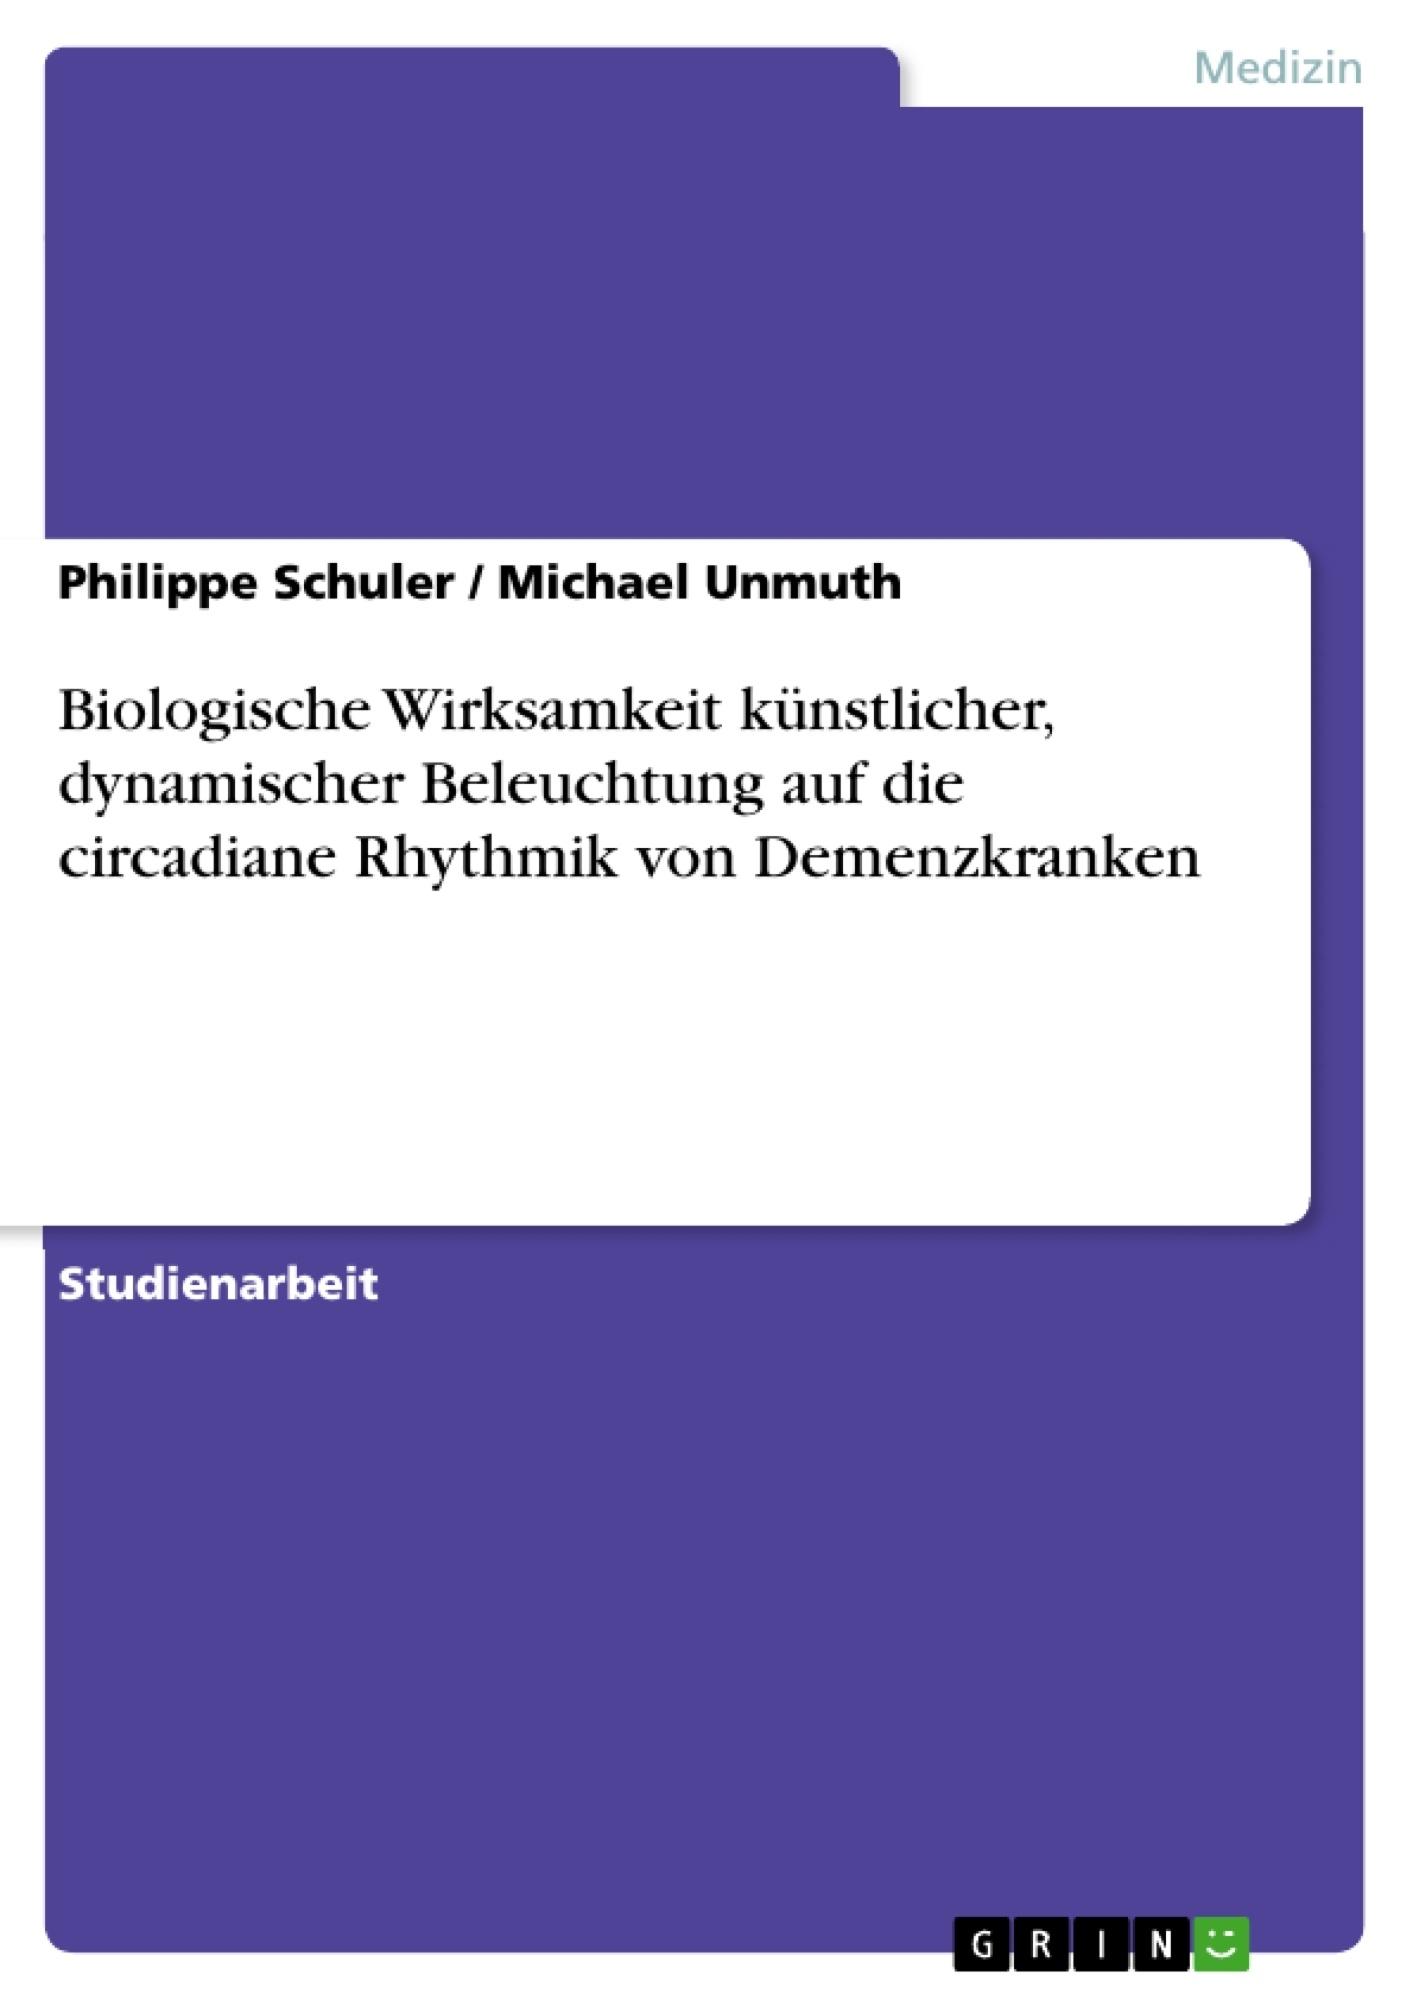 Titel: Biologische Wirksamkeit künstlicher, dynamischer Beleuchtung auf die circadiane Rhythmik von Demenzkranken